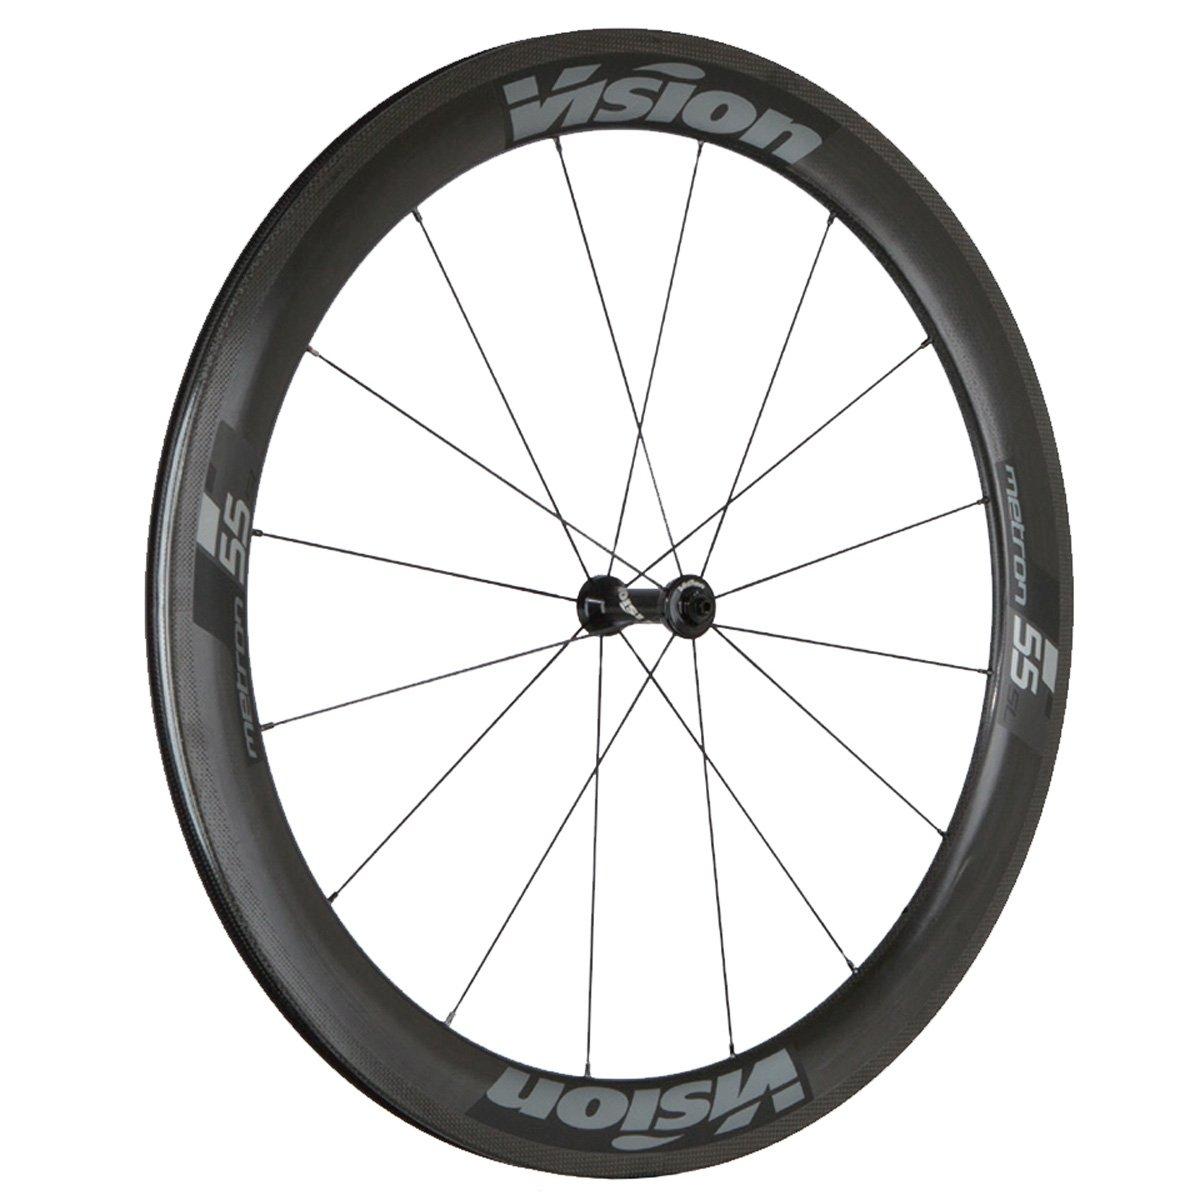 FSAビジョンメトロン55 SLクリンチャー自転車ホイールセット  Black Decal B06XBH2RF4